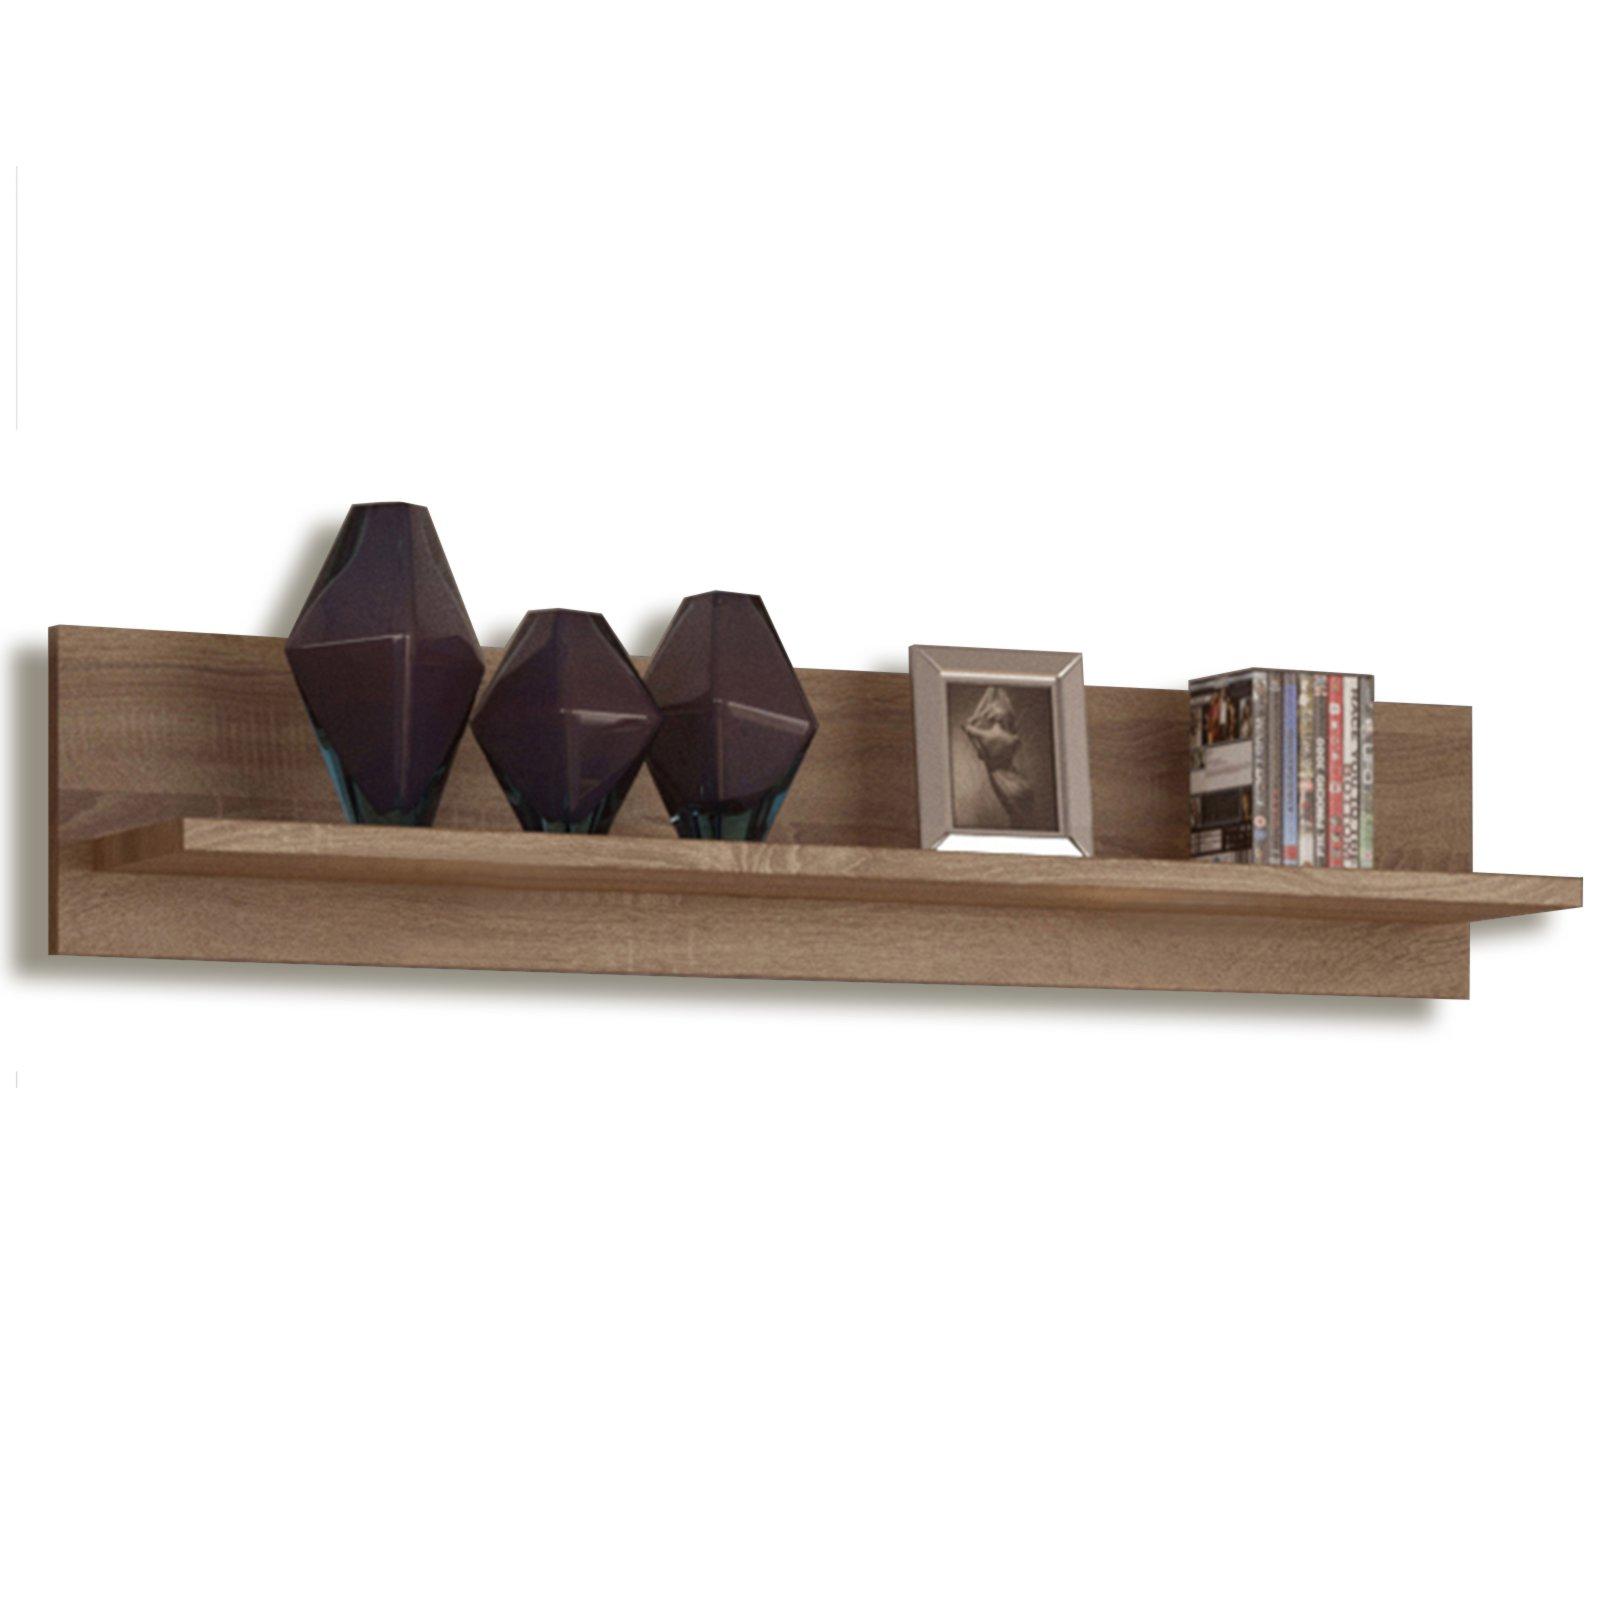 wandboard scala sonoma eiche 120 cm wohnprogramm scala wohnprogramme wohnzimmer. Black Bedroom Furniture Sets. Home Design Ideas